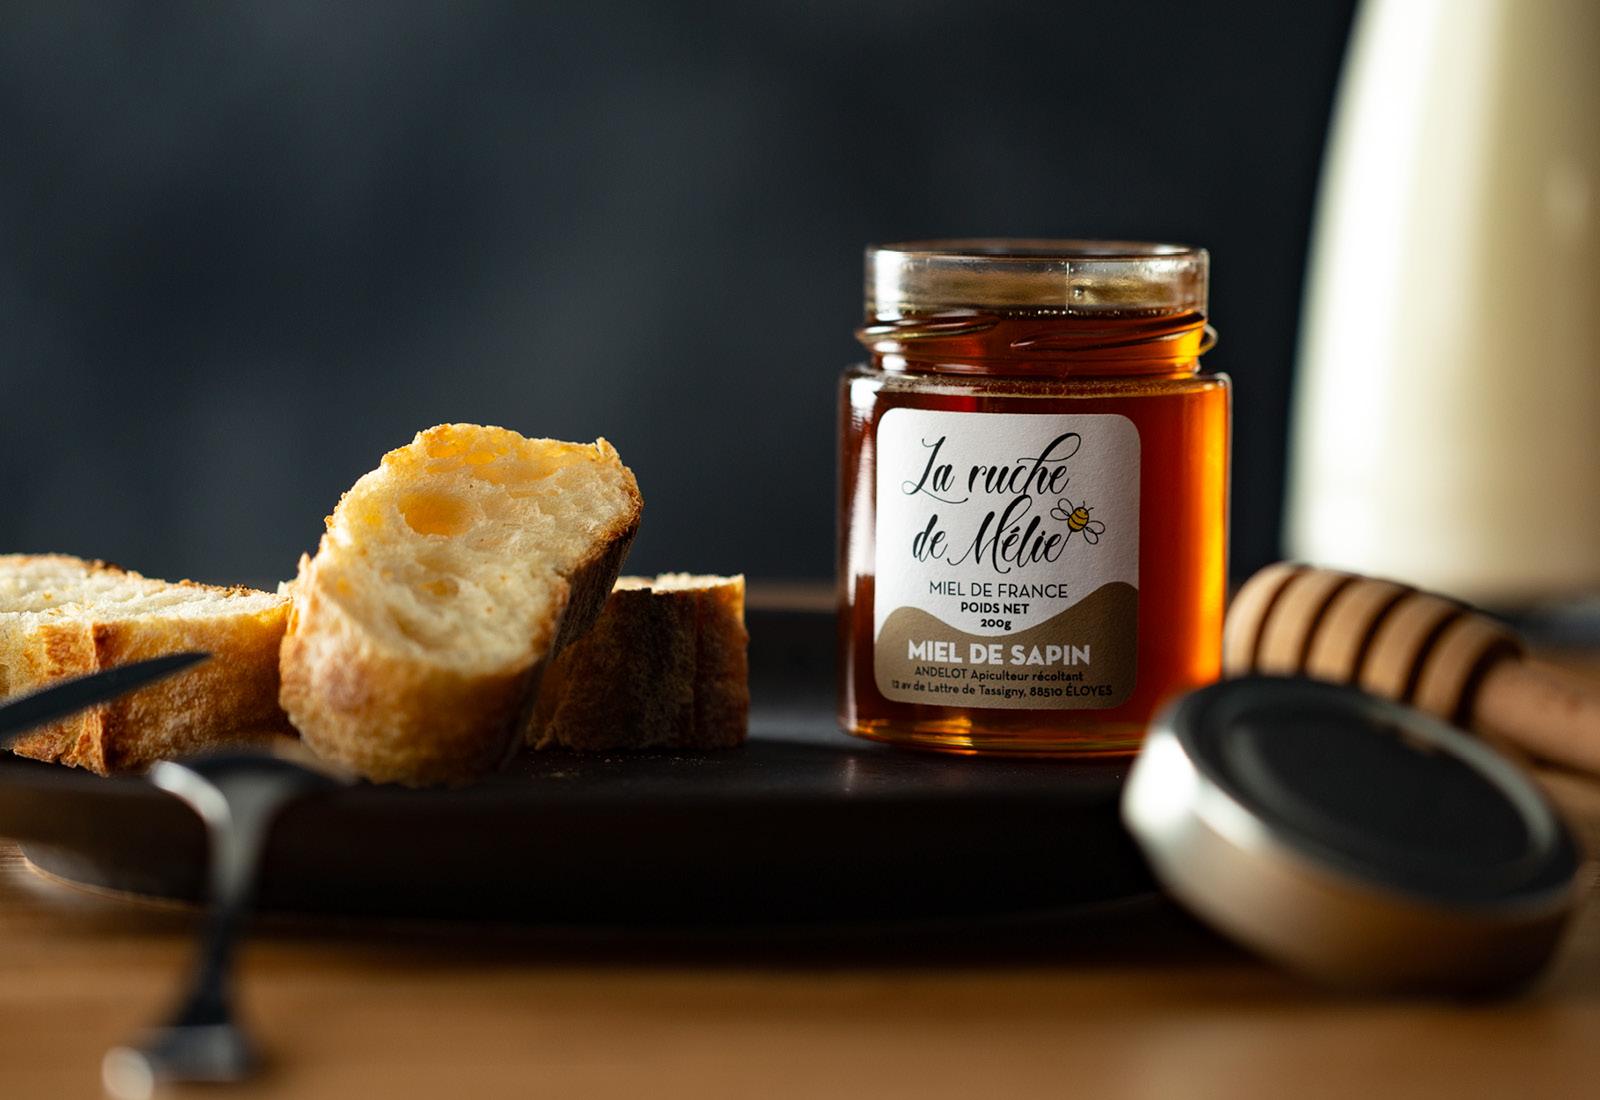 La ruche de melie – packshot –